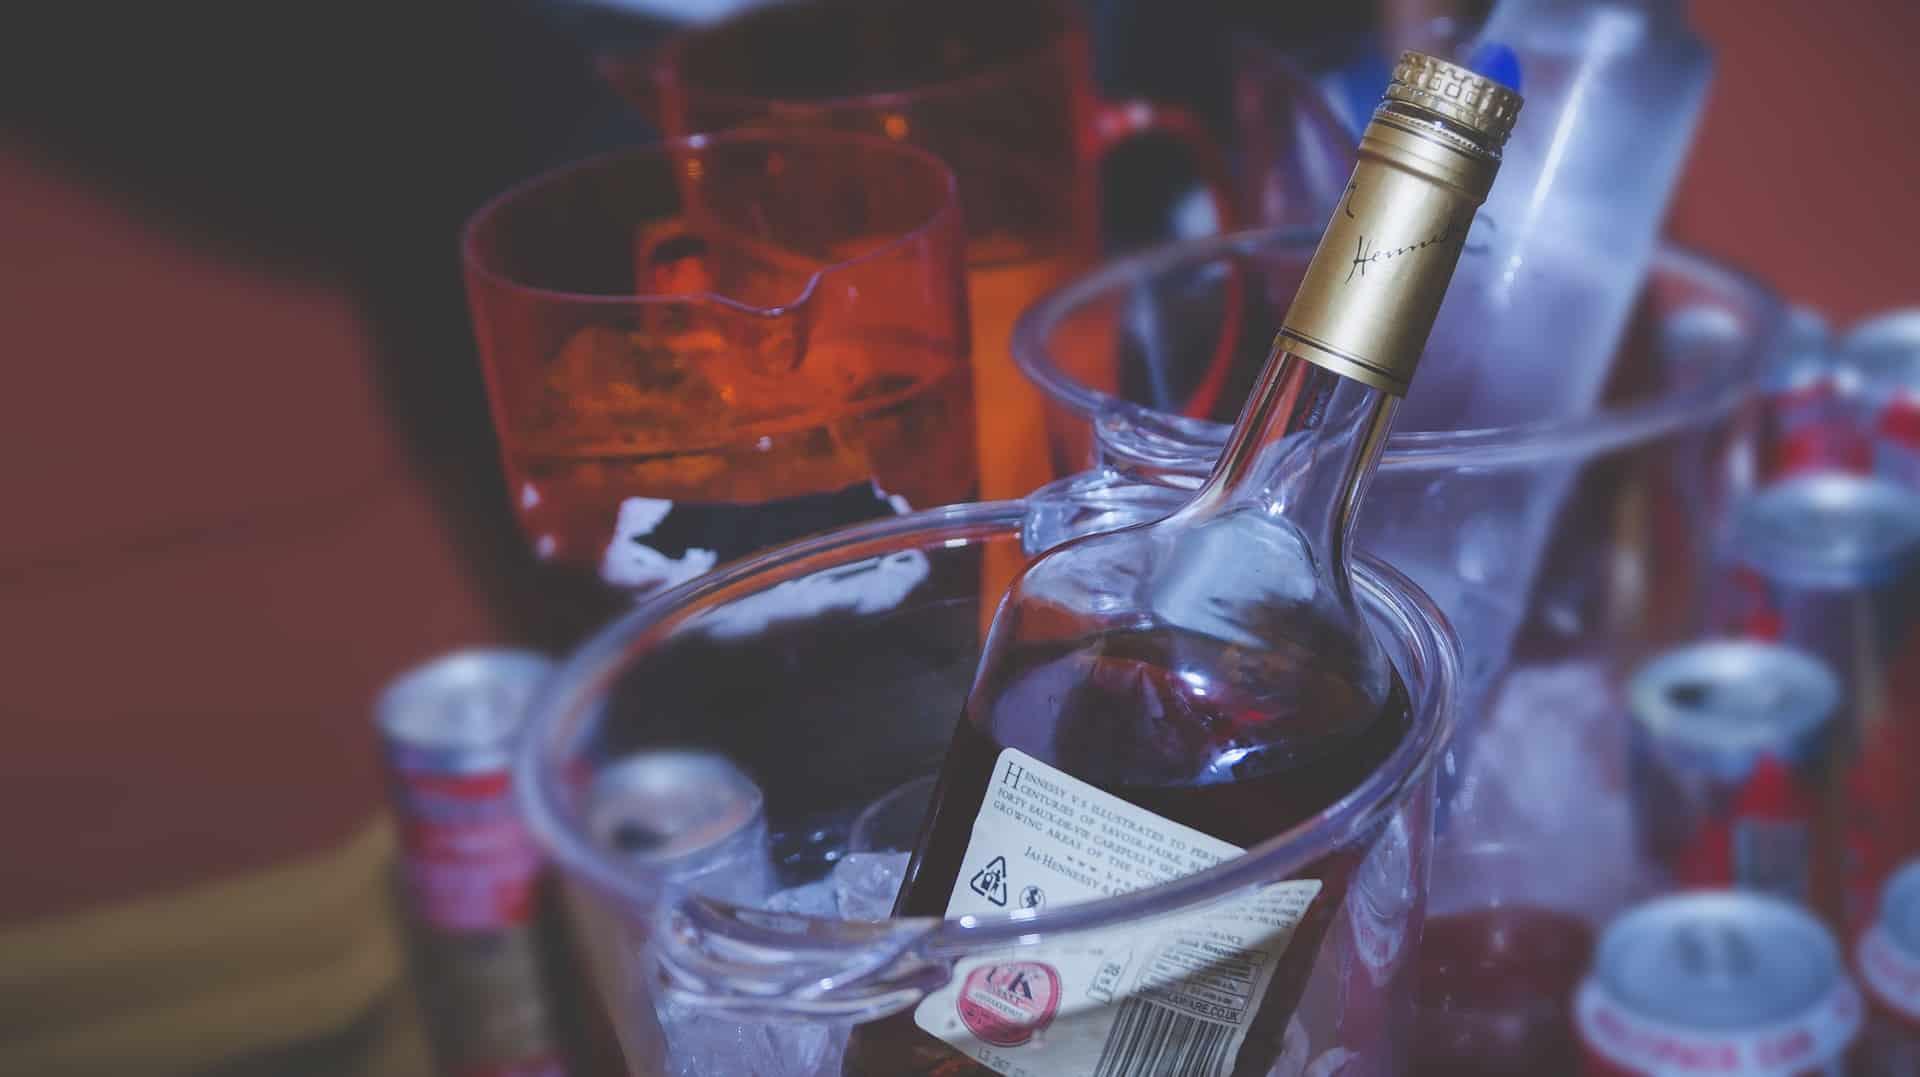 A bottle of brandy in ice